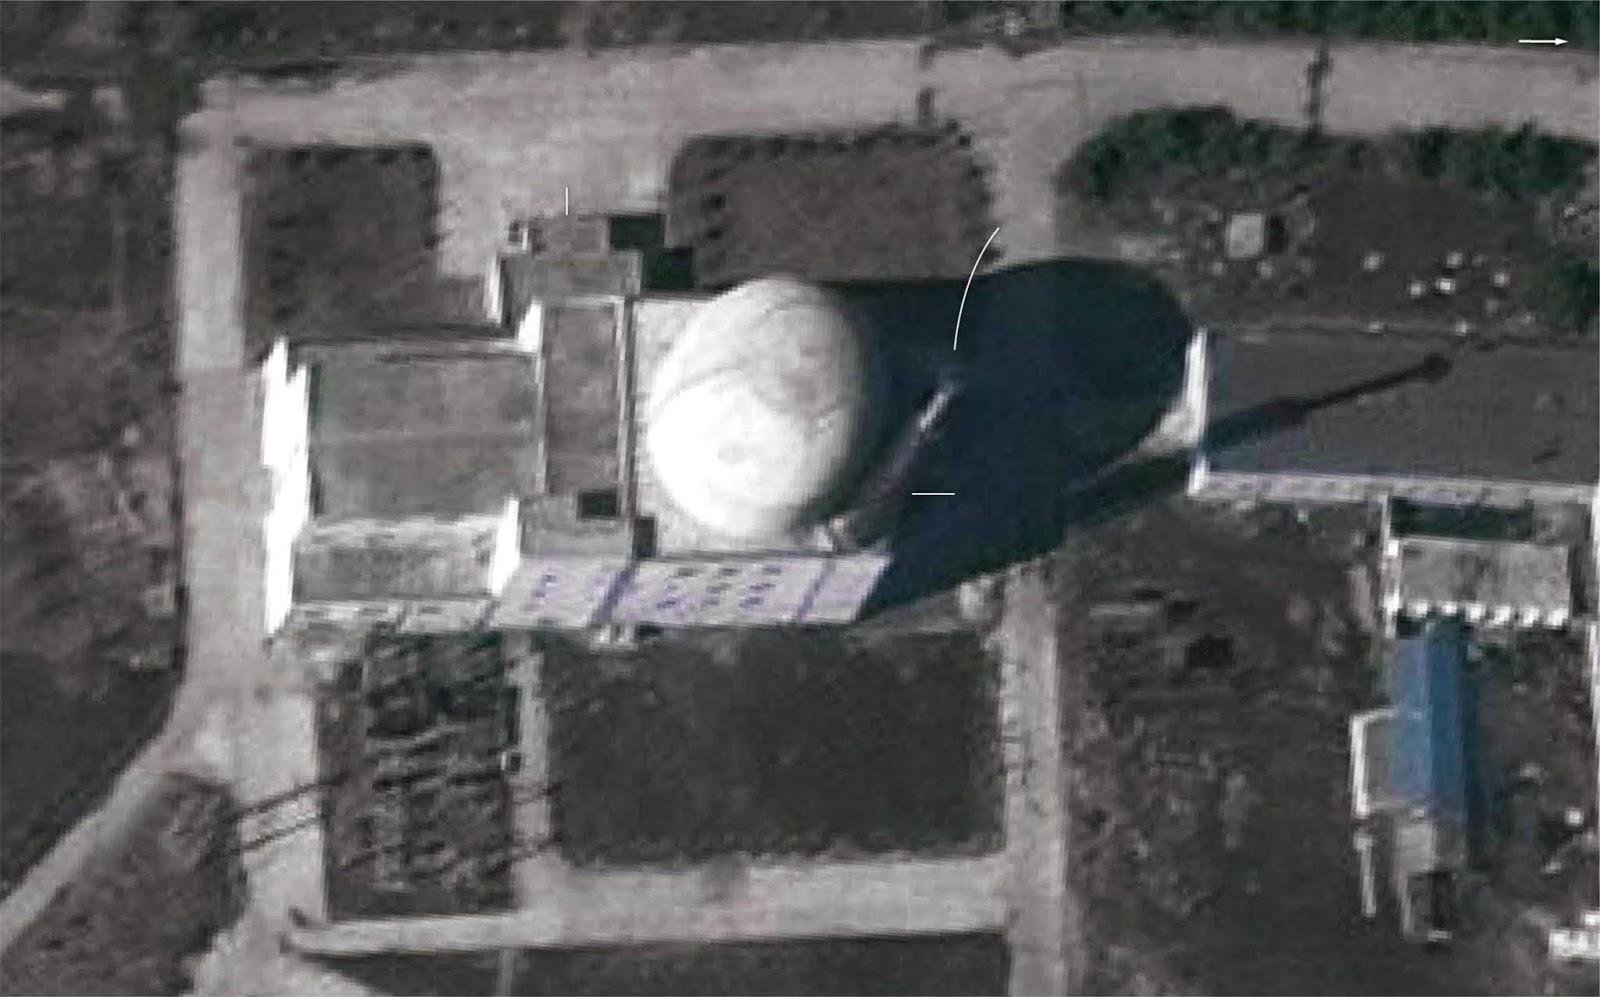 Para ahli AS telah mengkonfirmasi bahwa reaktor pusat nuklir Yonben di Korea Utara tidak berfungsi